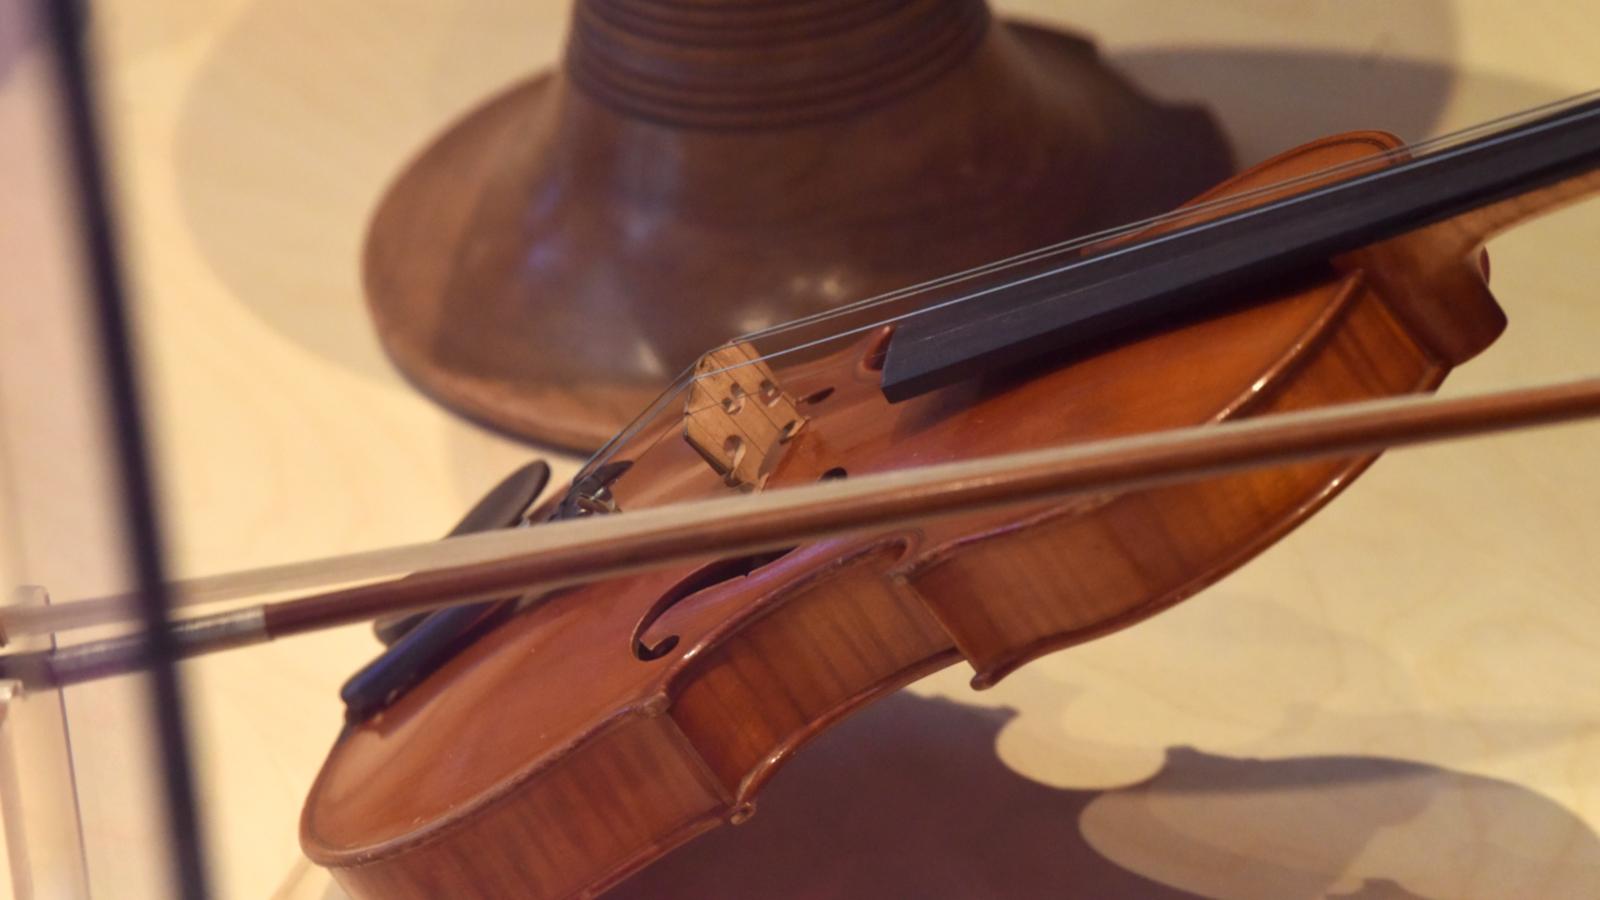 Une cabane sonore imaginée par le luthier Glenn Mazin permet de pénétrer au cœur de la matière sonore.